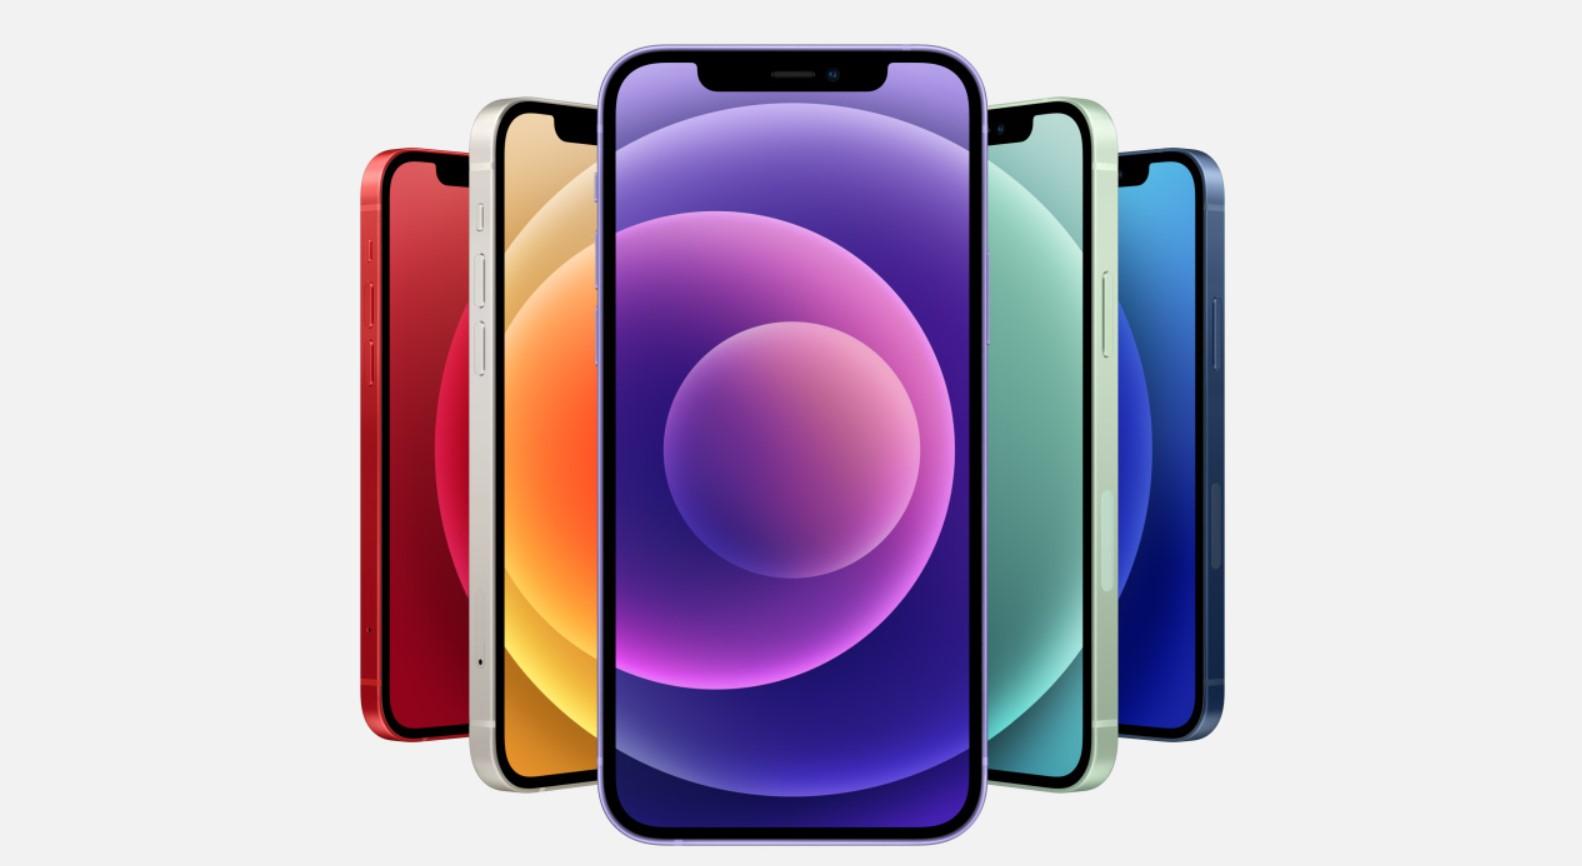 iPhone 12 Purple variant